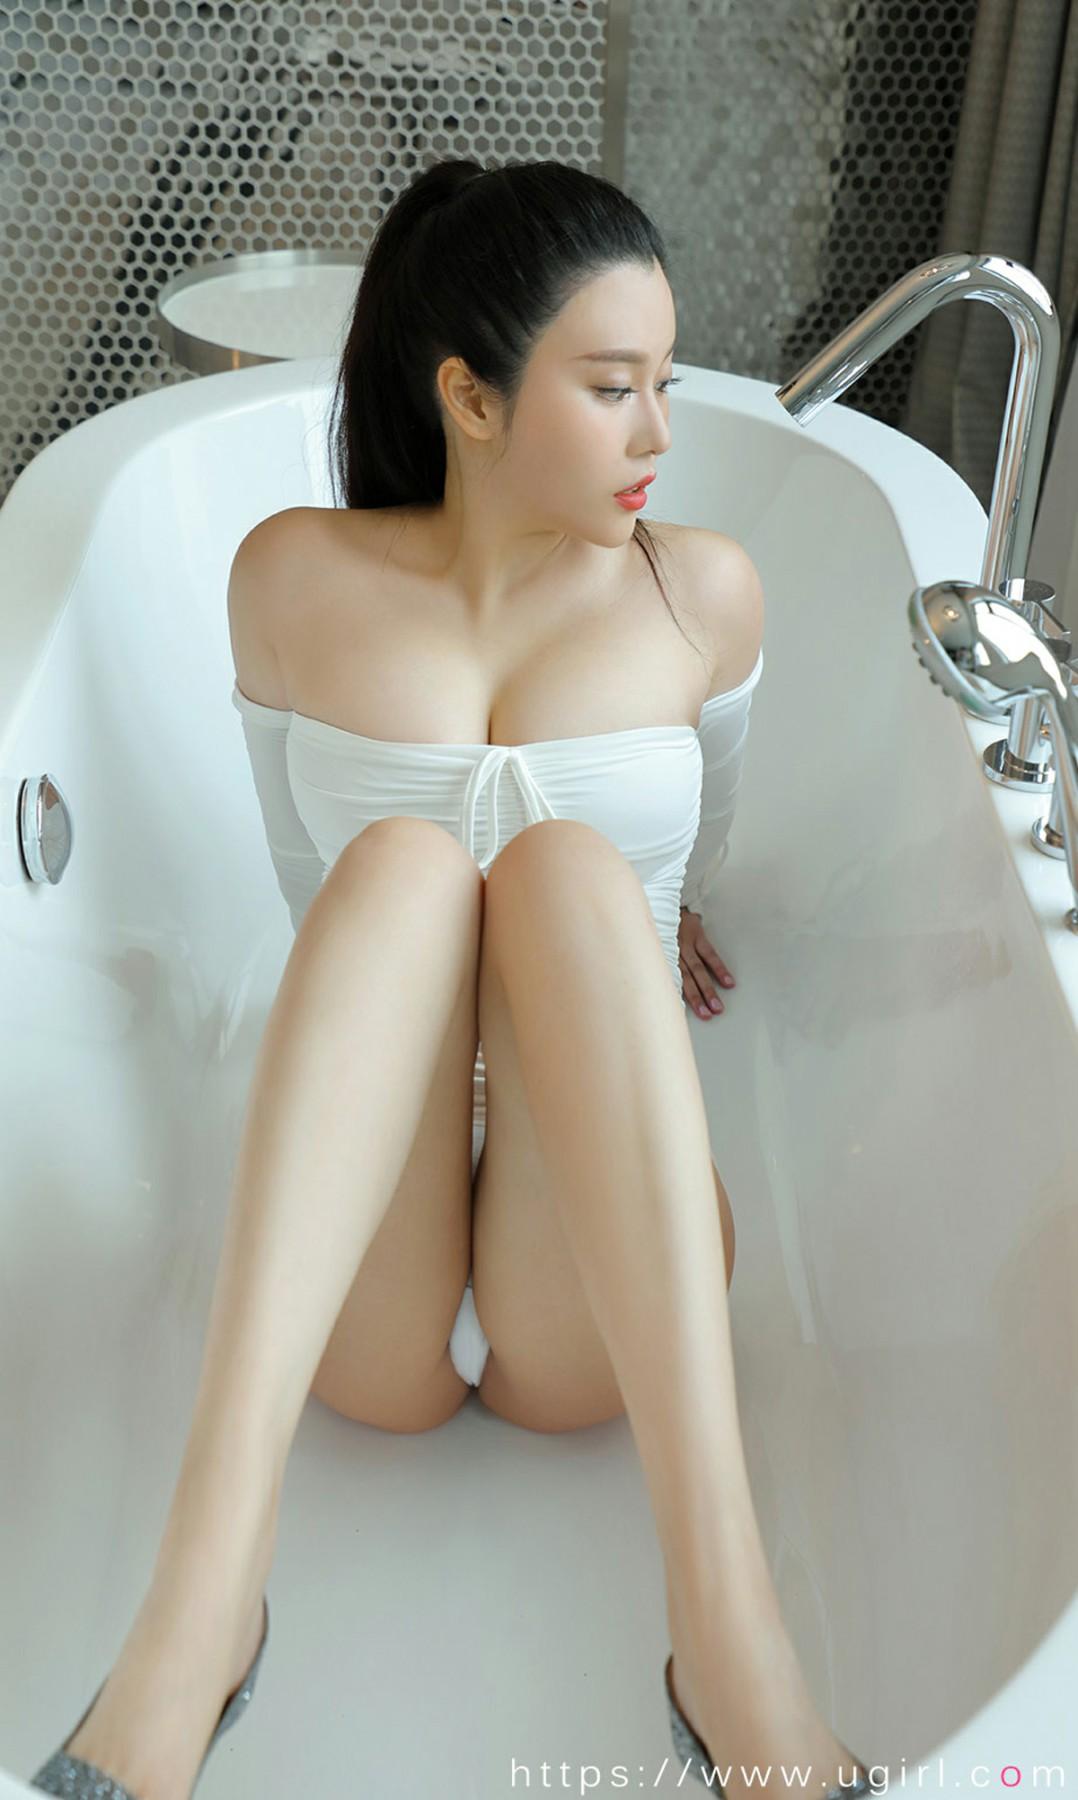 [Ugirls尤果网]爱尤物 2020.07.31 No.1877 钟晴 蓝精灵 第3张